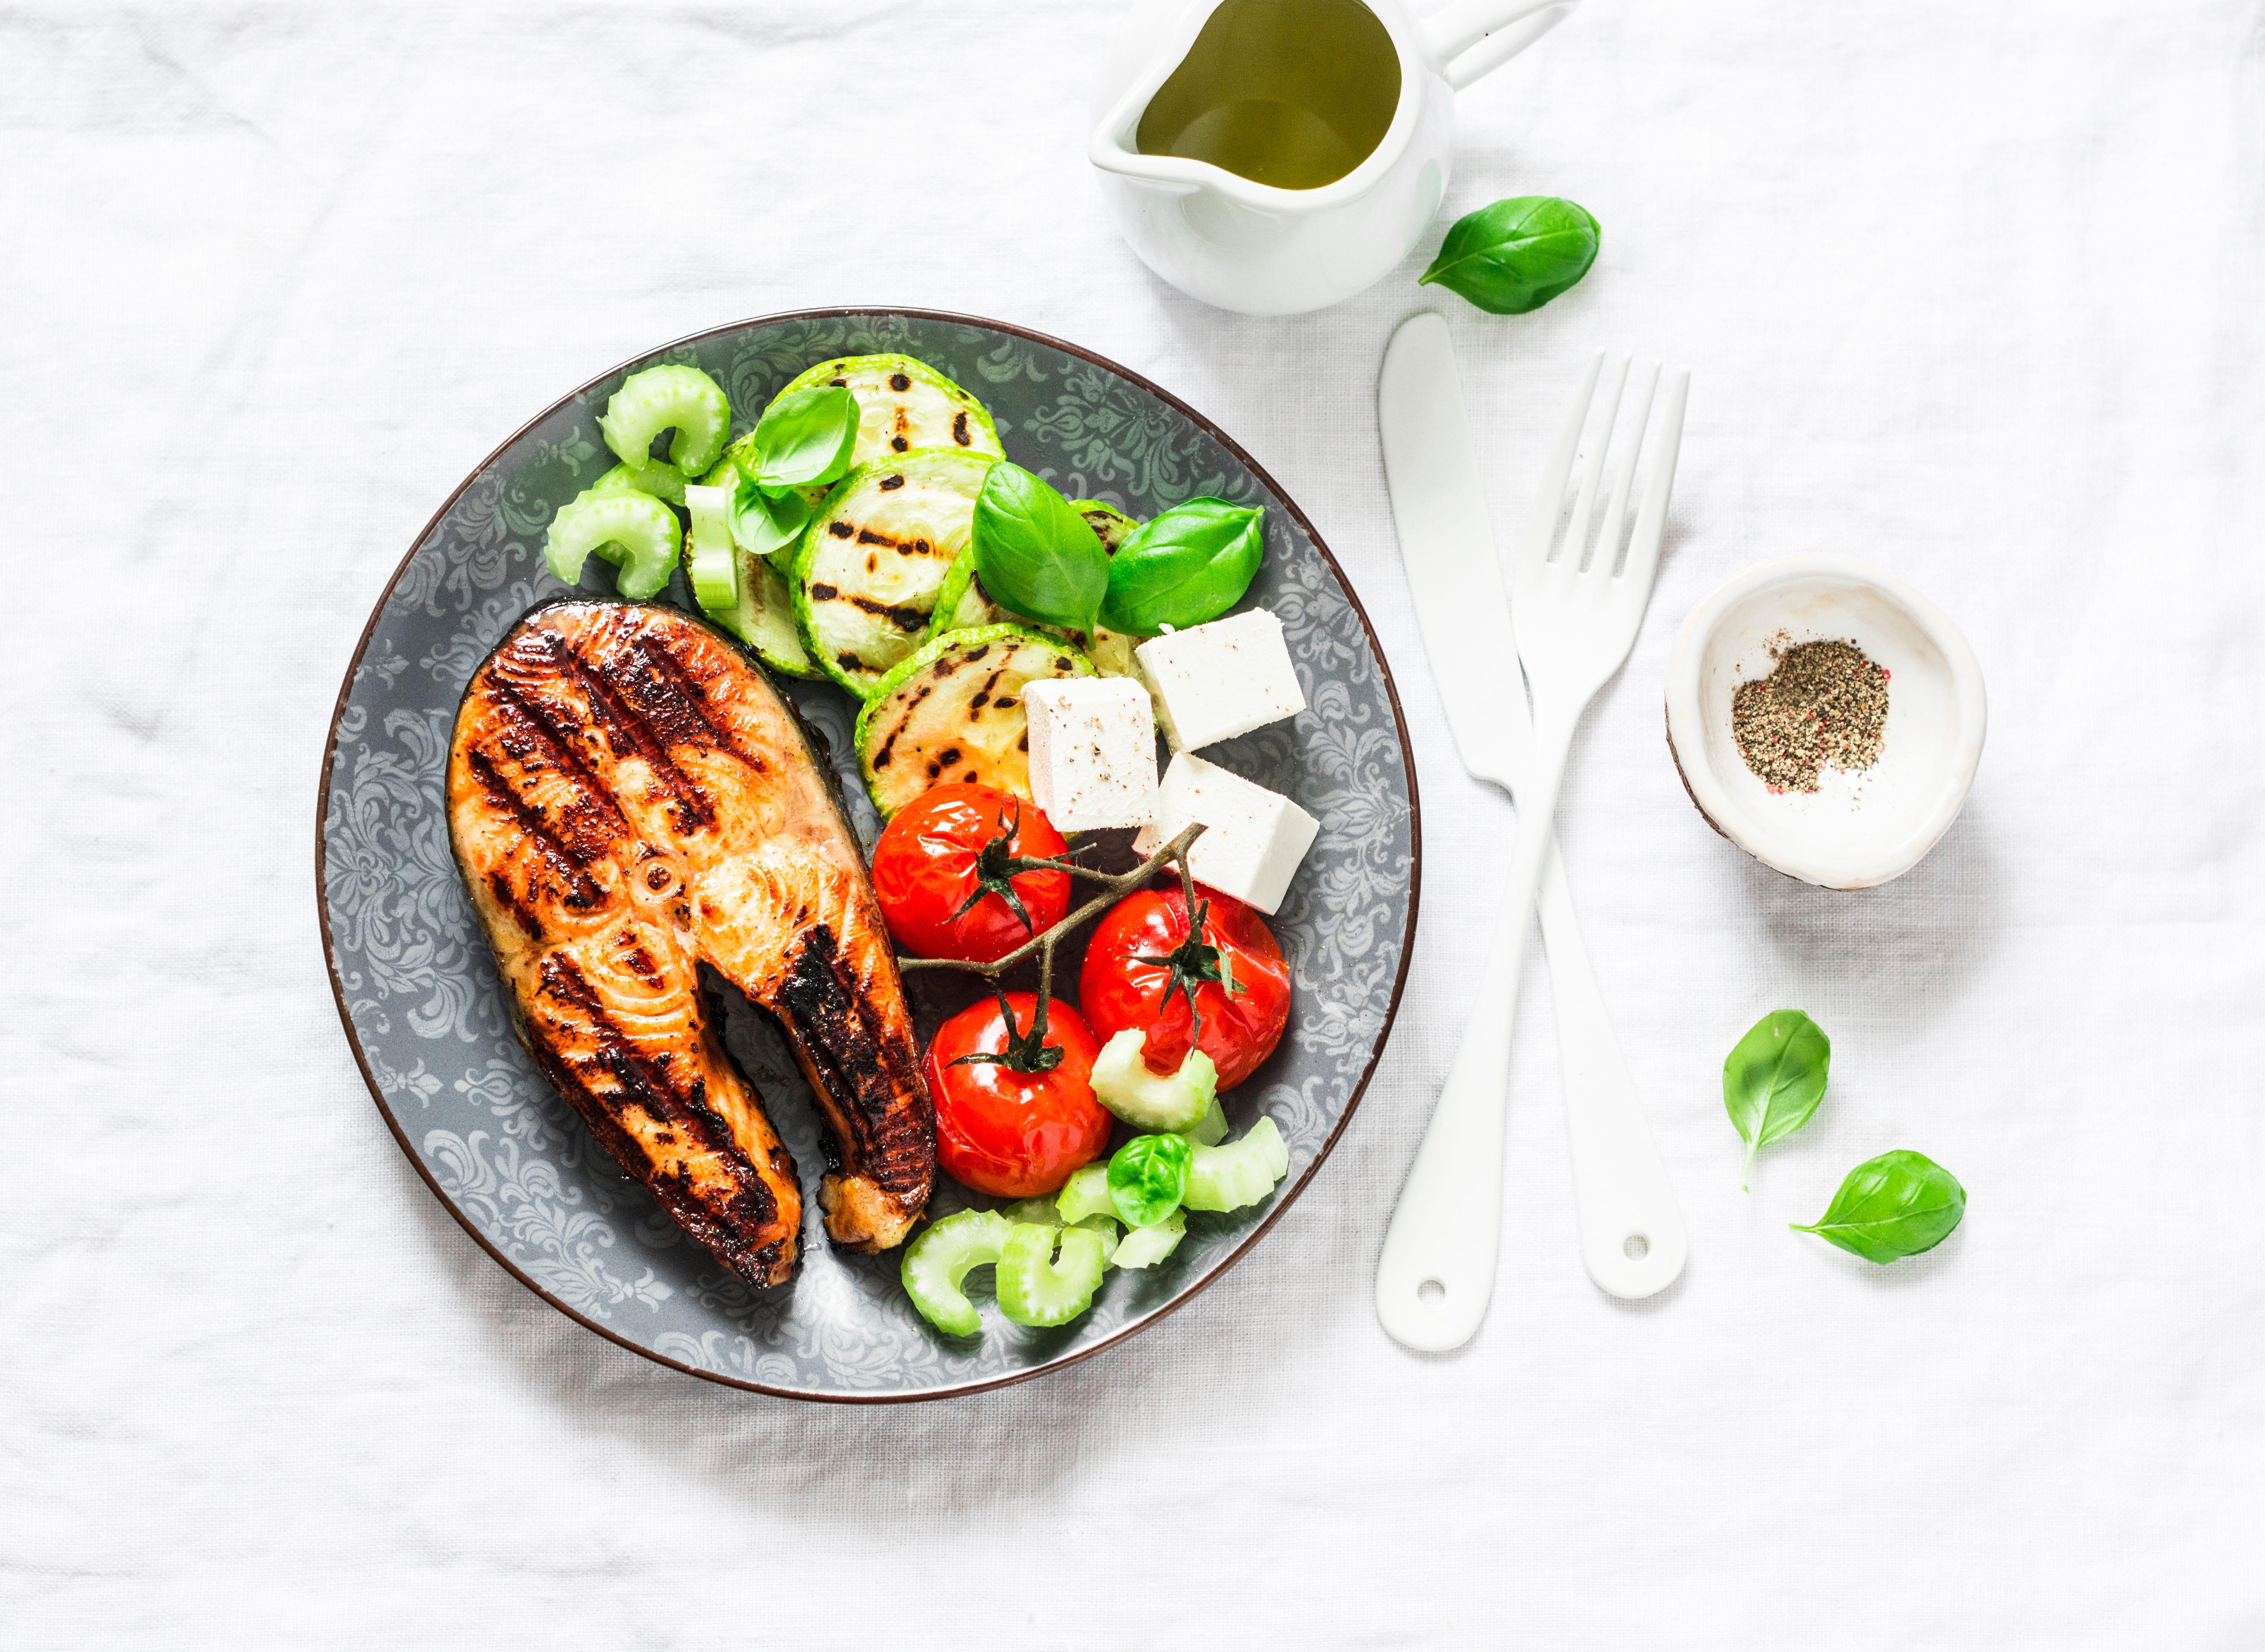 mediterranean diet is best way to eat in 2019  say u s  news rankings